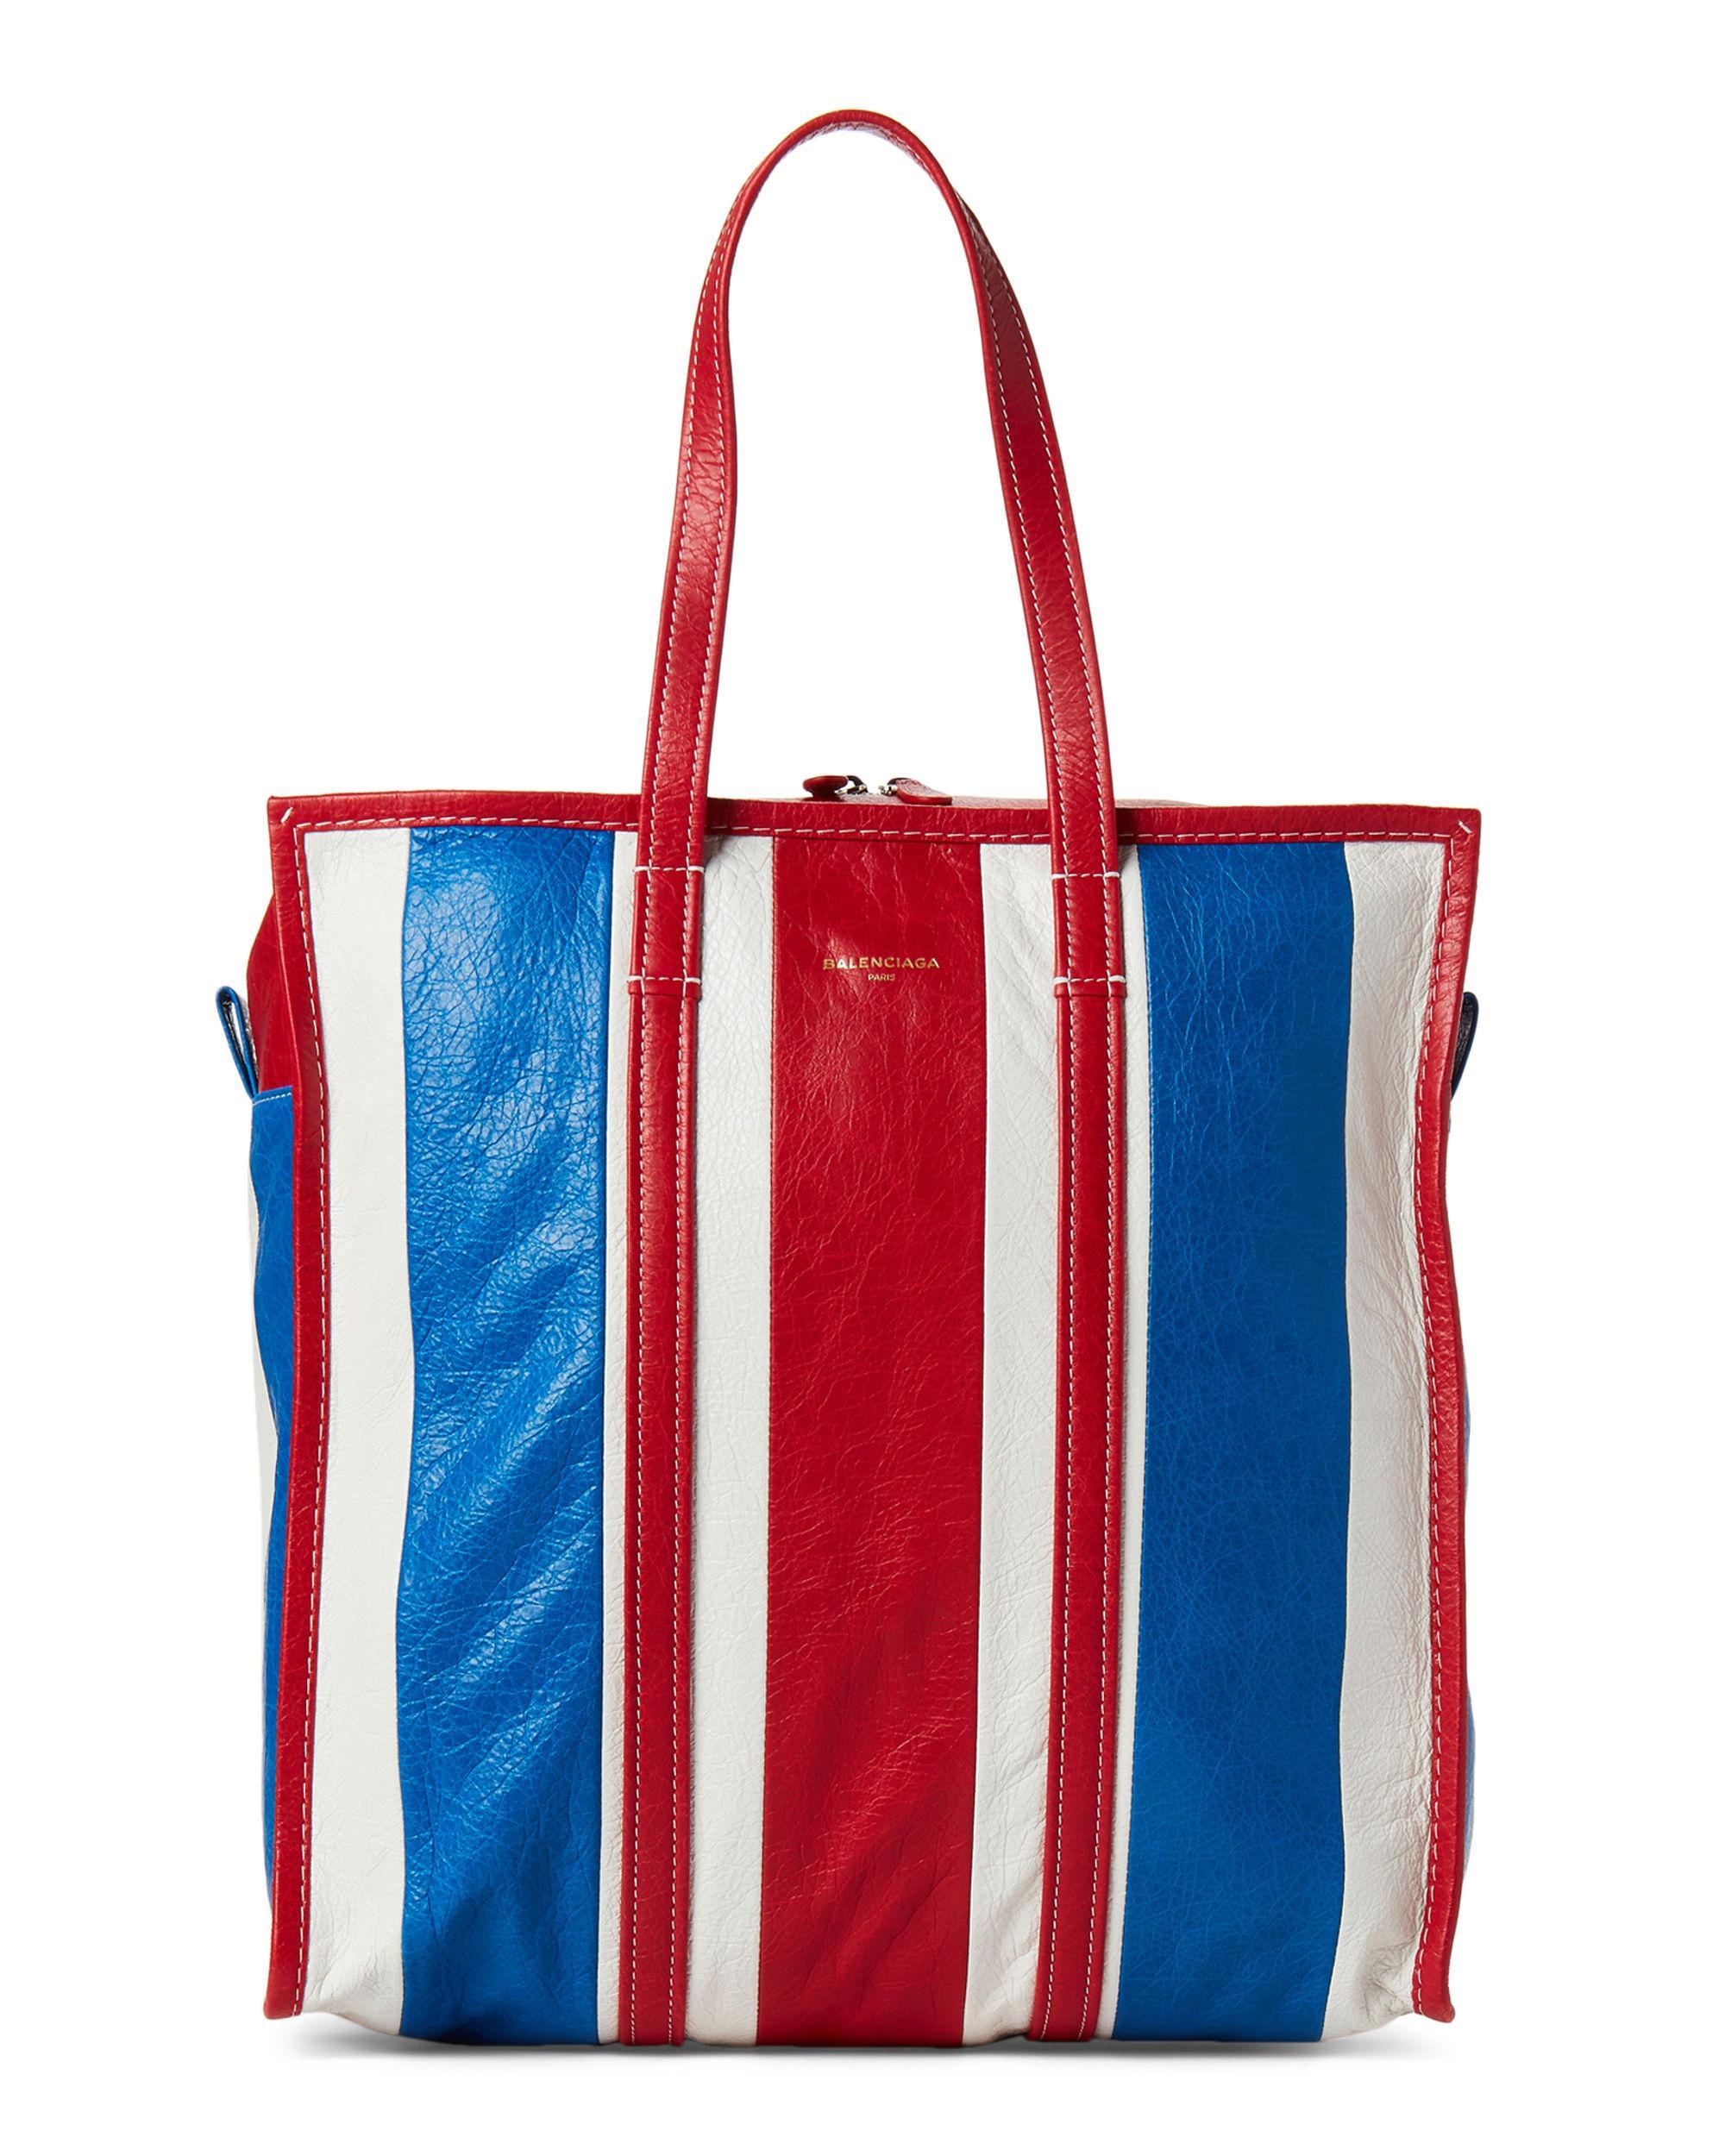 bccaeda2aee Balenciaga Bazar Medium Striped Leather Shopper in Red - Lyst